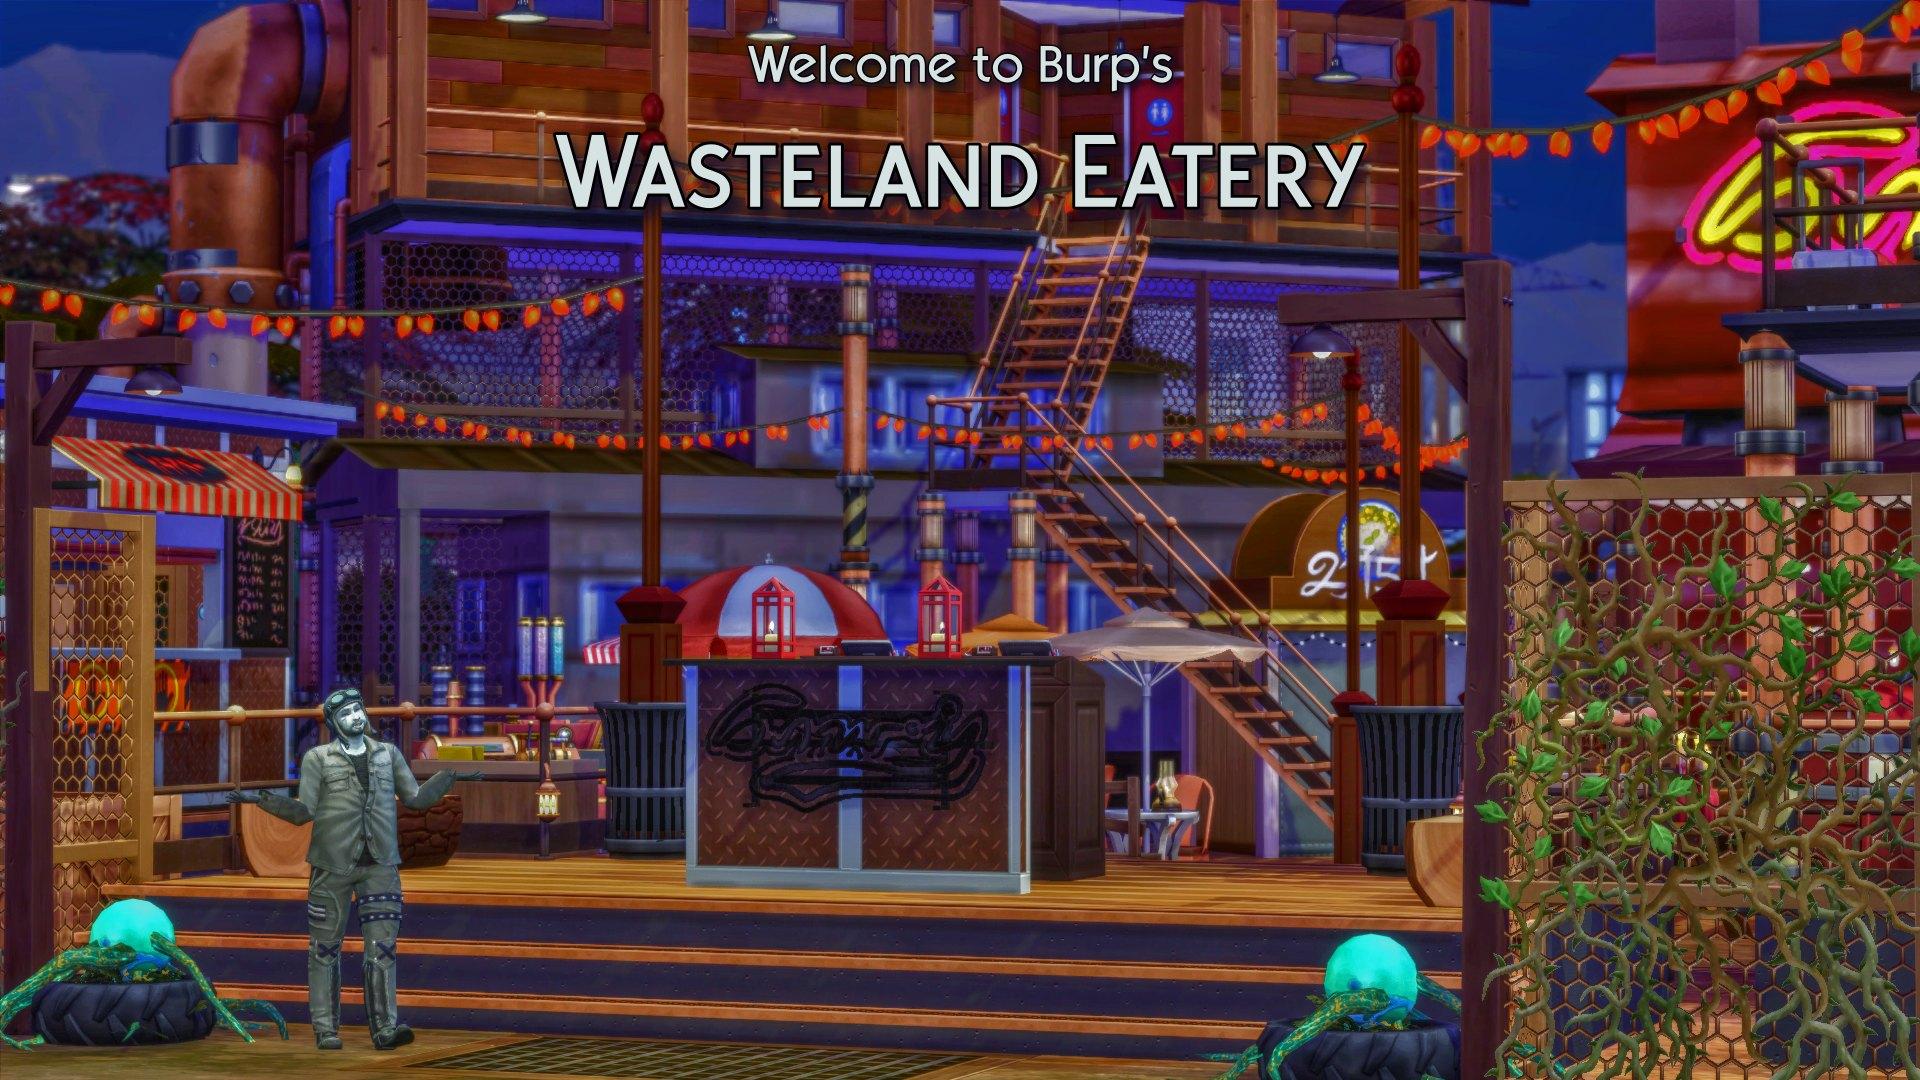 10 wasteland eatery